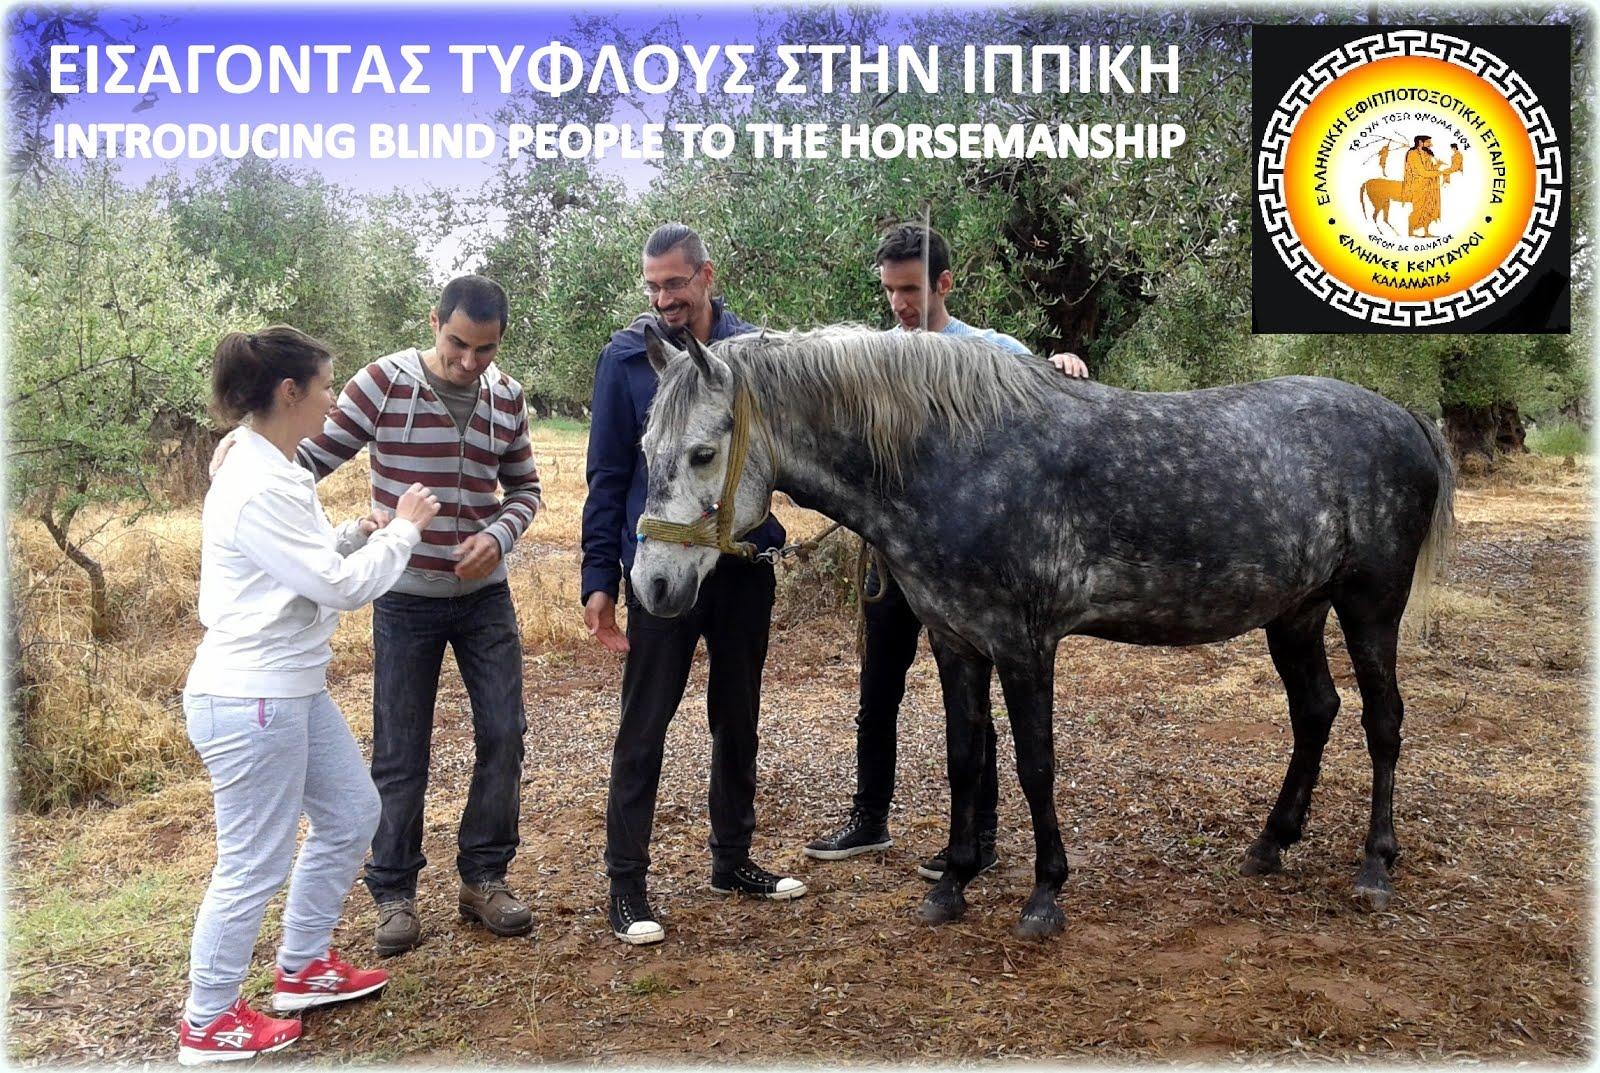 ΕΙΣΑΓΟNTAΣ ΤΥΦΛΟΥΣ ΣΤΗΝ ΙΠΠΙΚΗ - ΙΝΤRODUCING BLIND PEOPLE TO THE HORSEMANSHIP